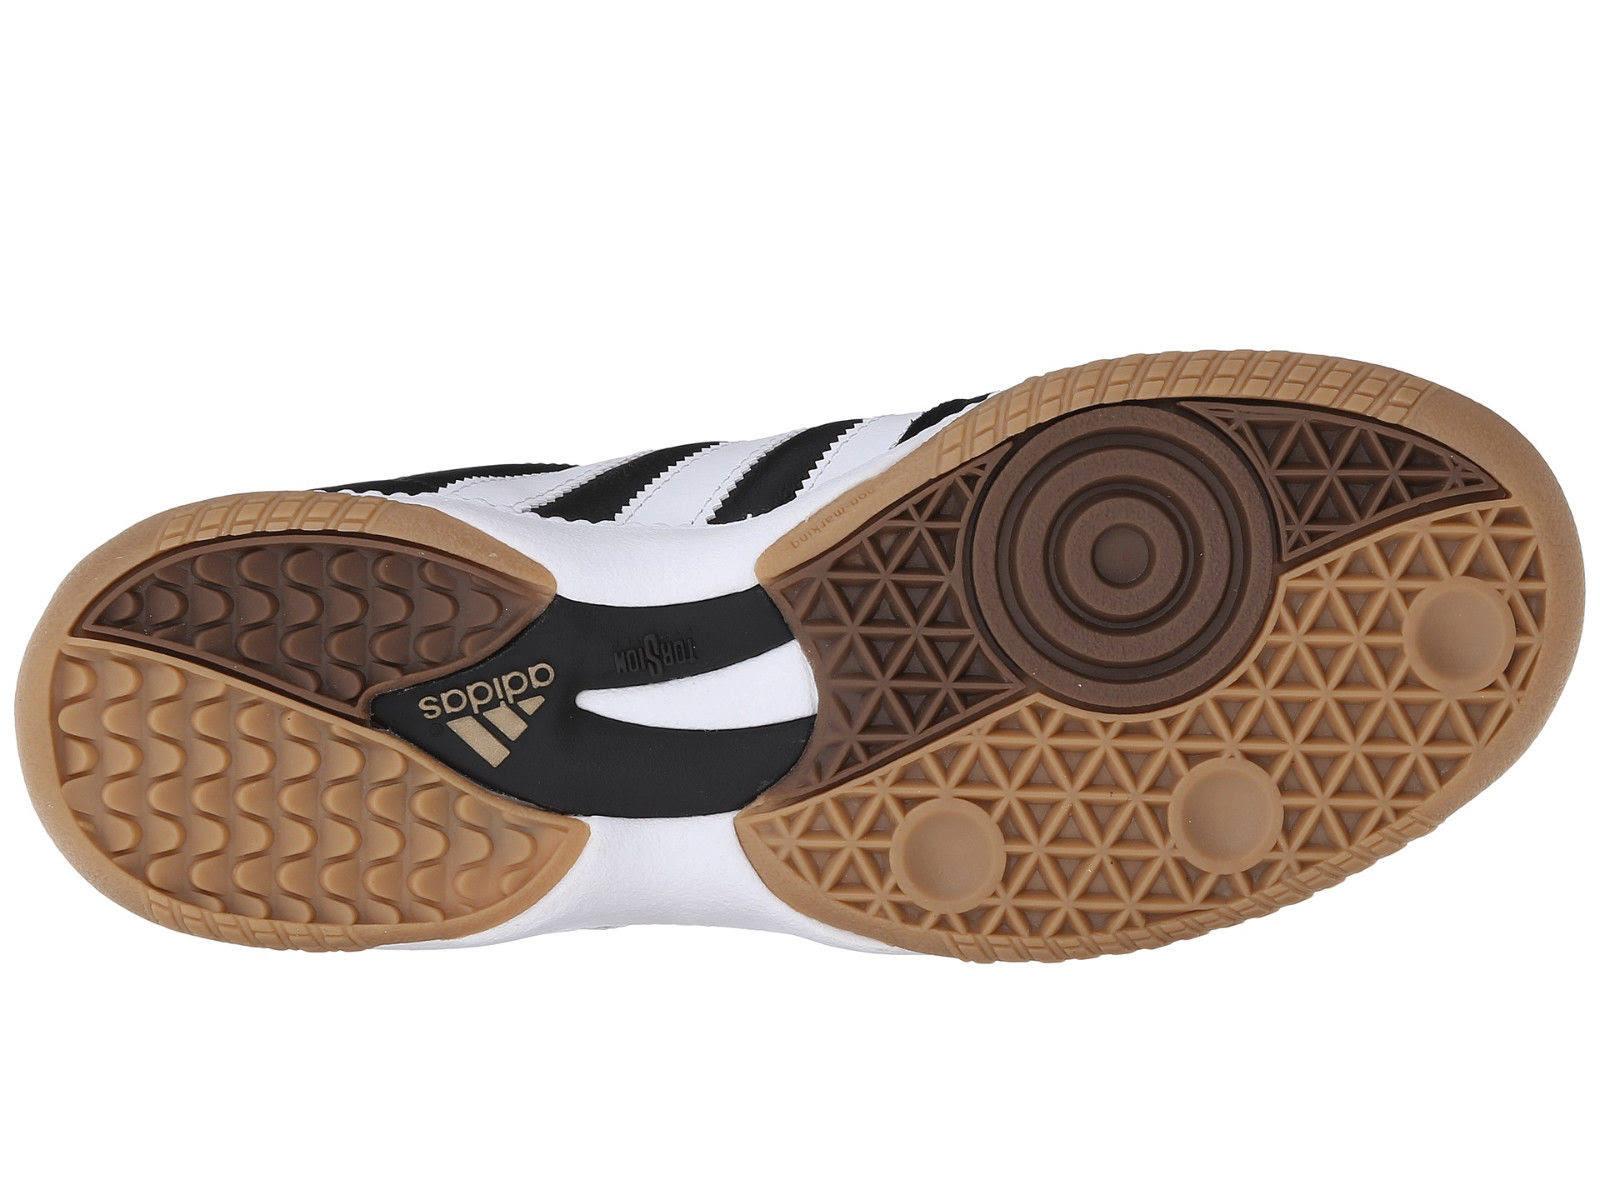 Schnürung Mit Signature Adidas Herren Fußballschuhe 88559 Samba Millennium q7UwST